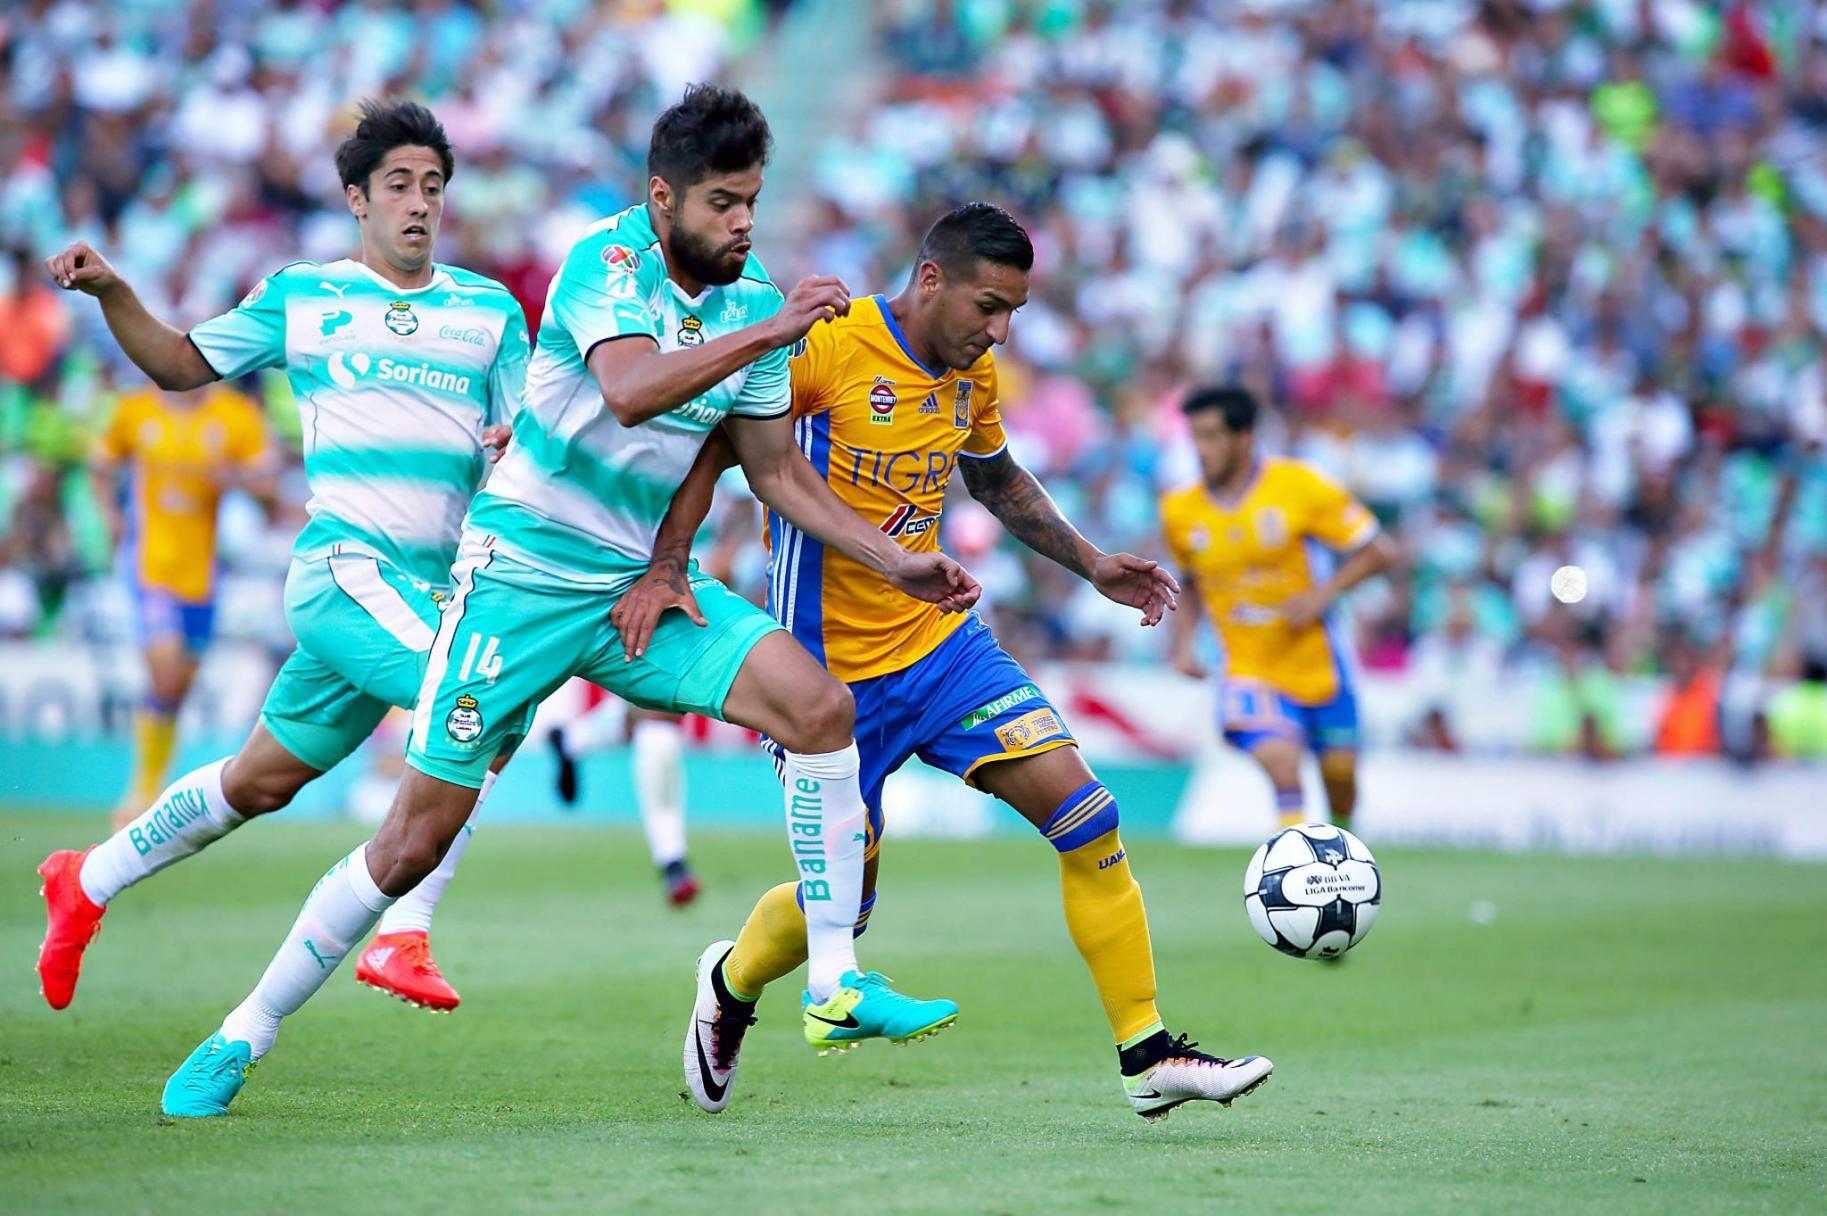 Fotografía de Ismael Sosa, jugador de Tigres de la Liga Bancomer MX